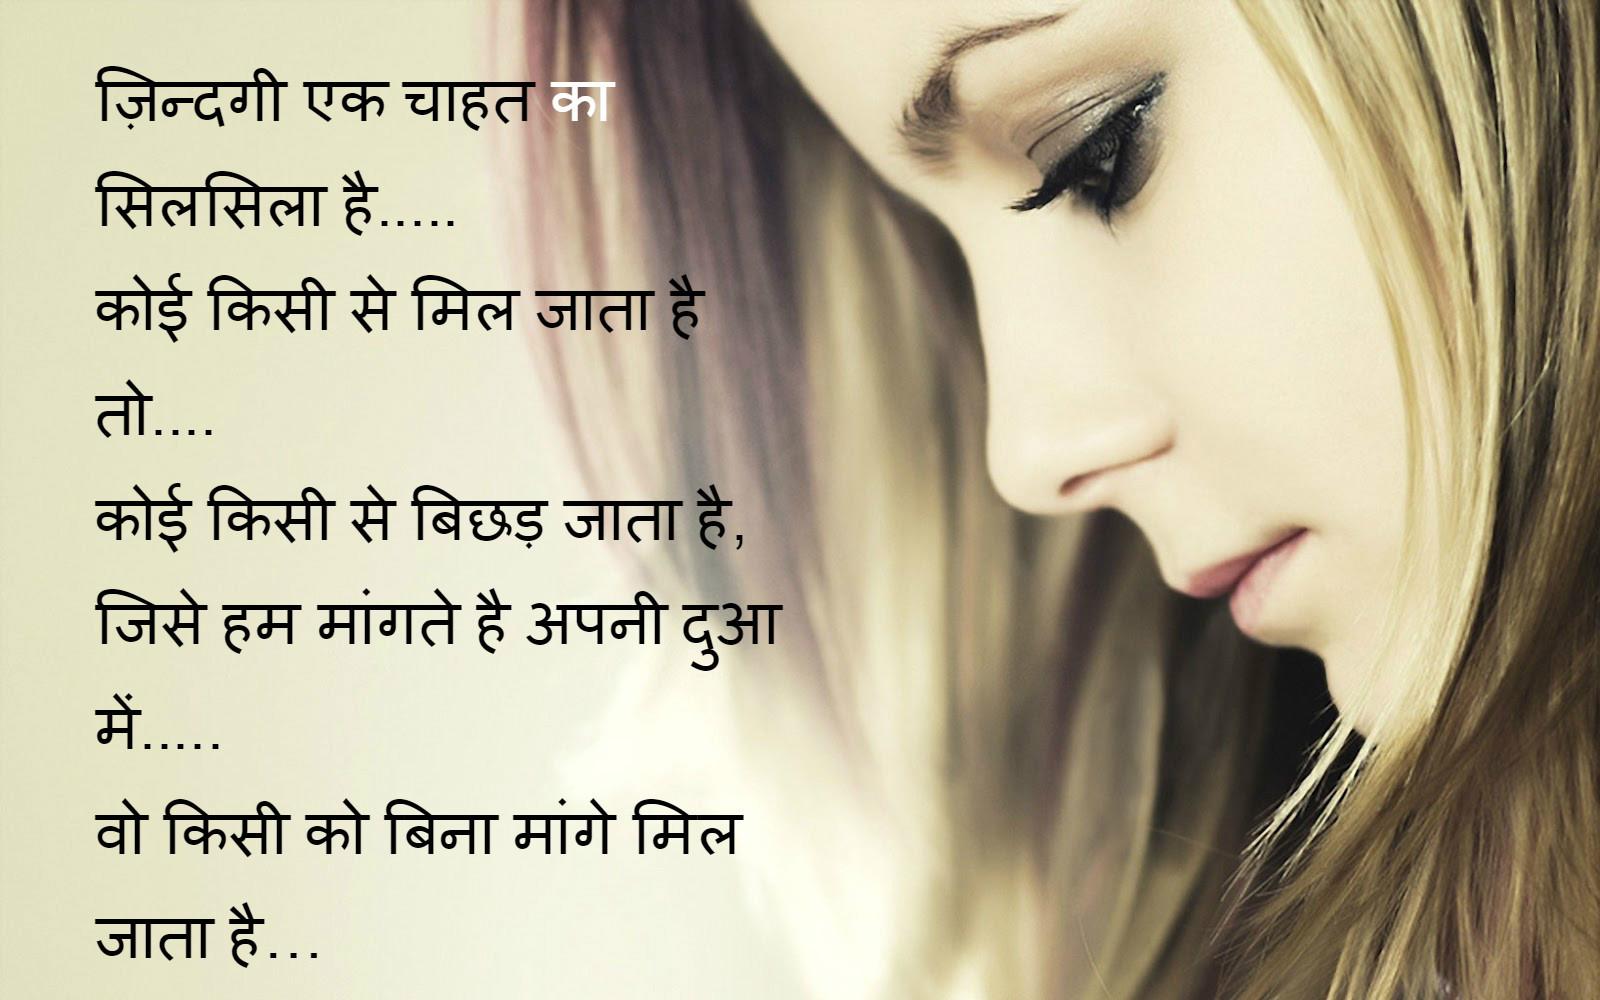 Hindi Shayari image हिन्दी शायरी 2016